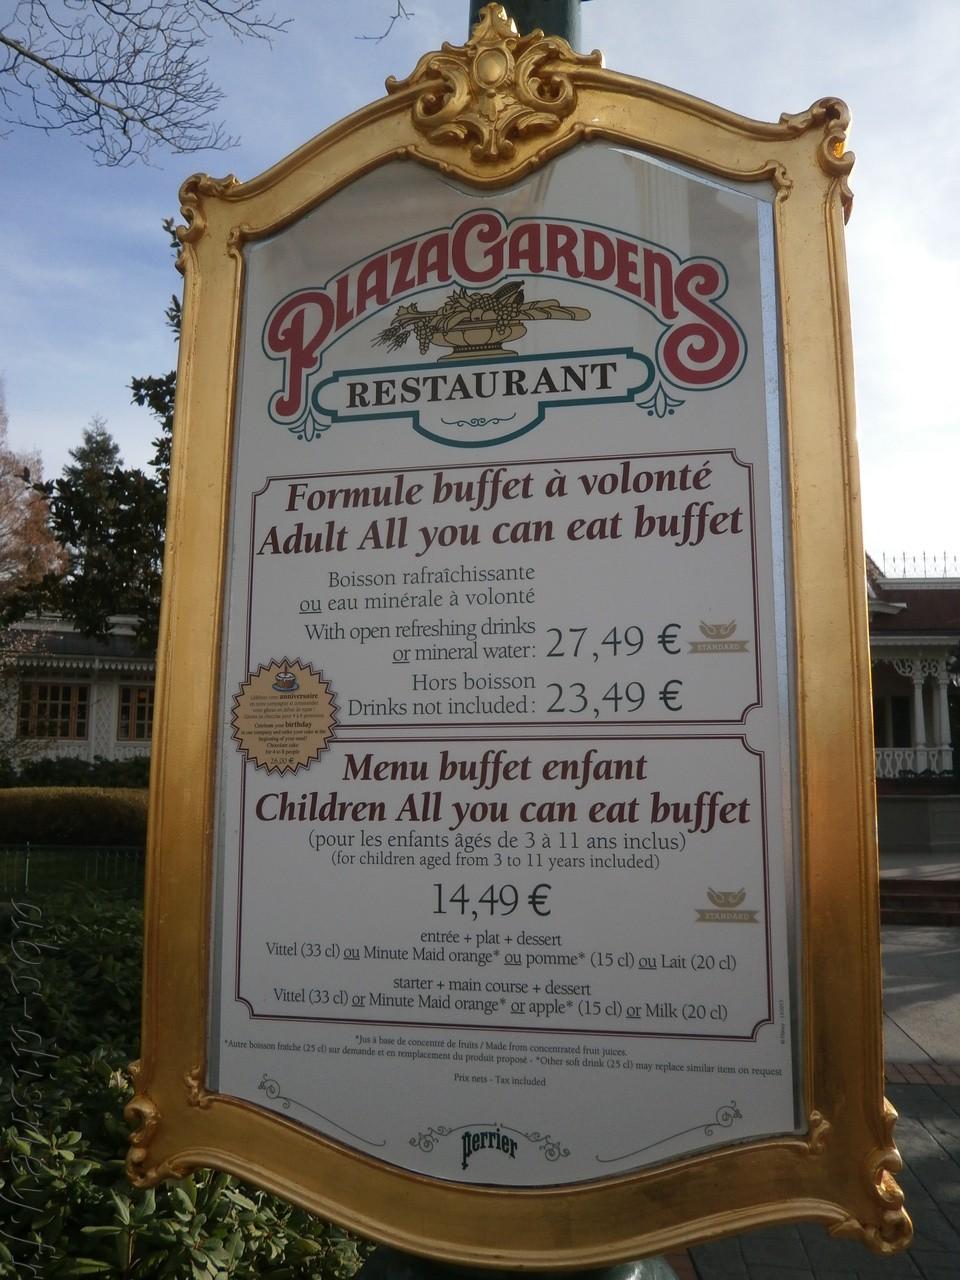 R plaza gardens carte